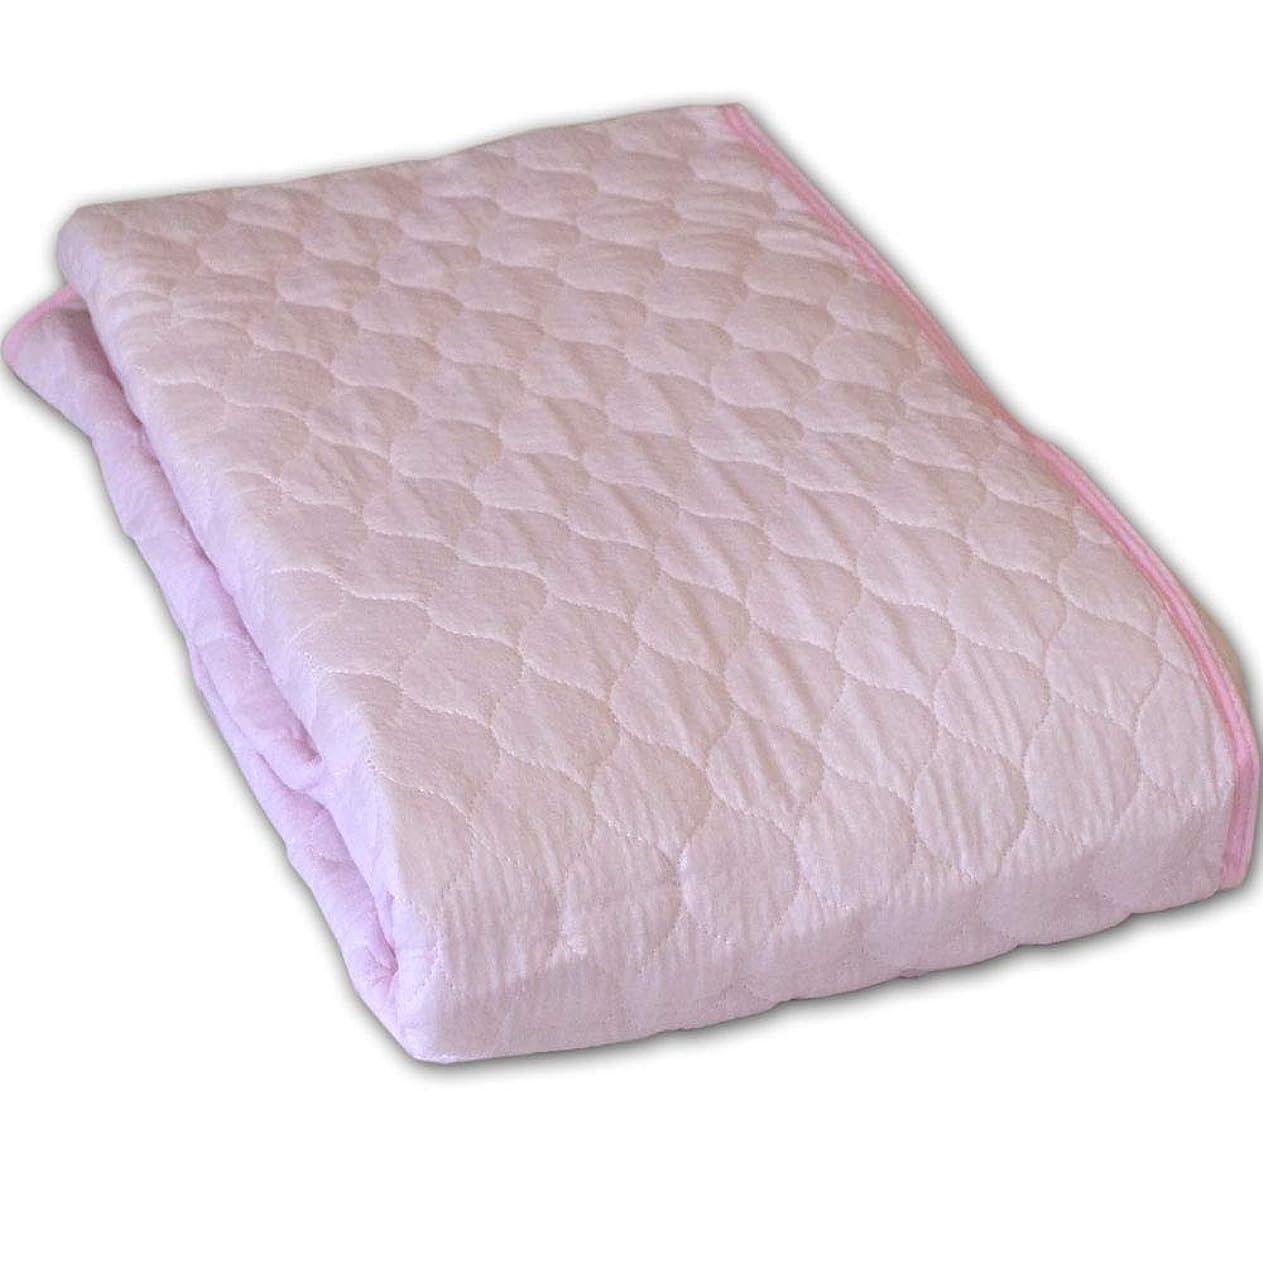 決済九月ノーブランド品 さらっとした感触できもちいエンボス加工の敷きパッド セミファミリー 220×205cm ピンク